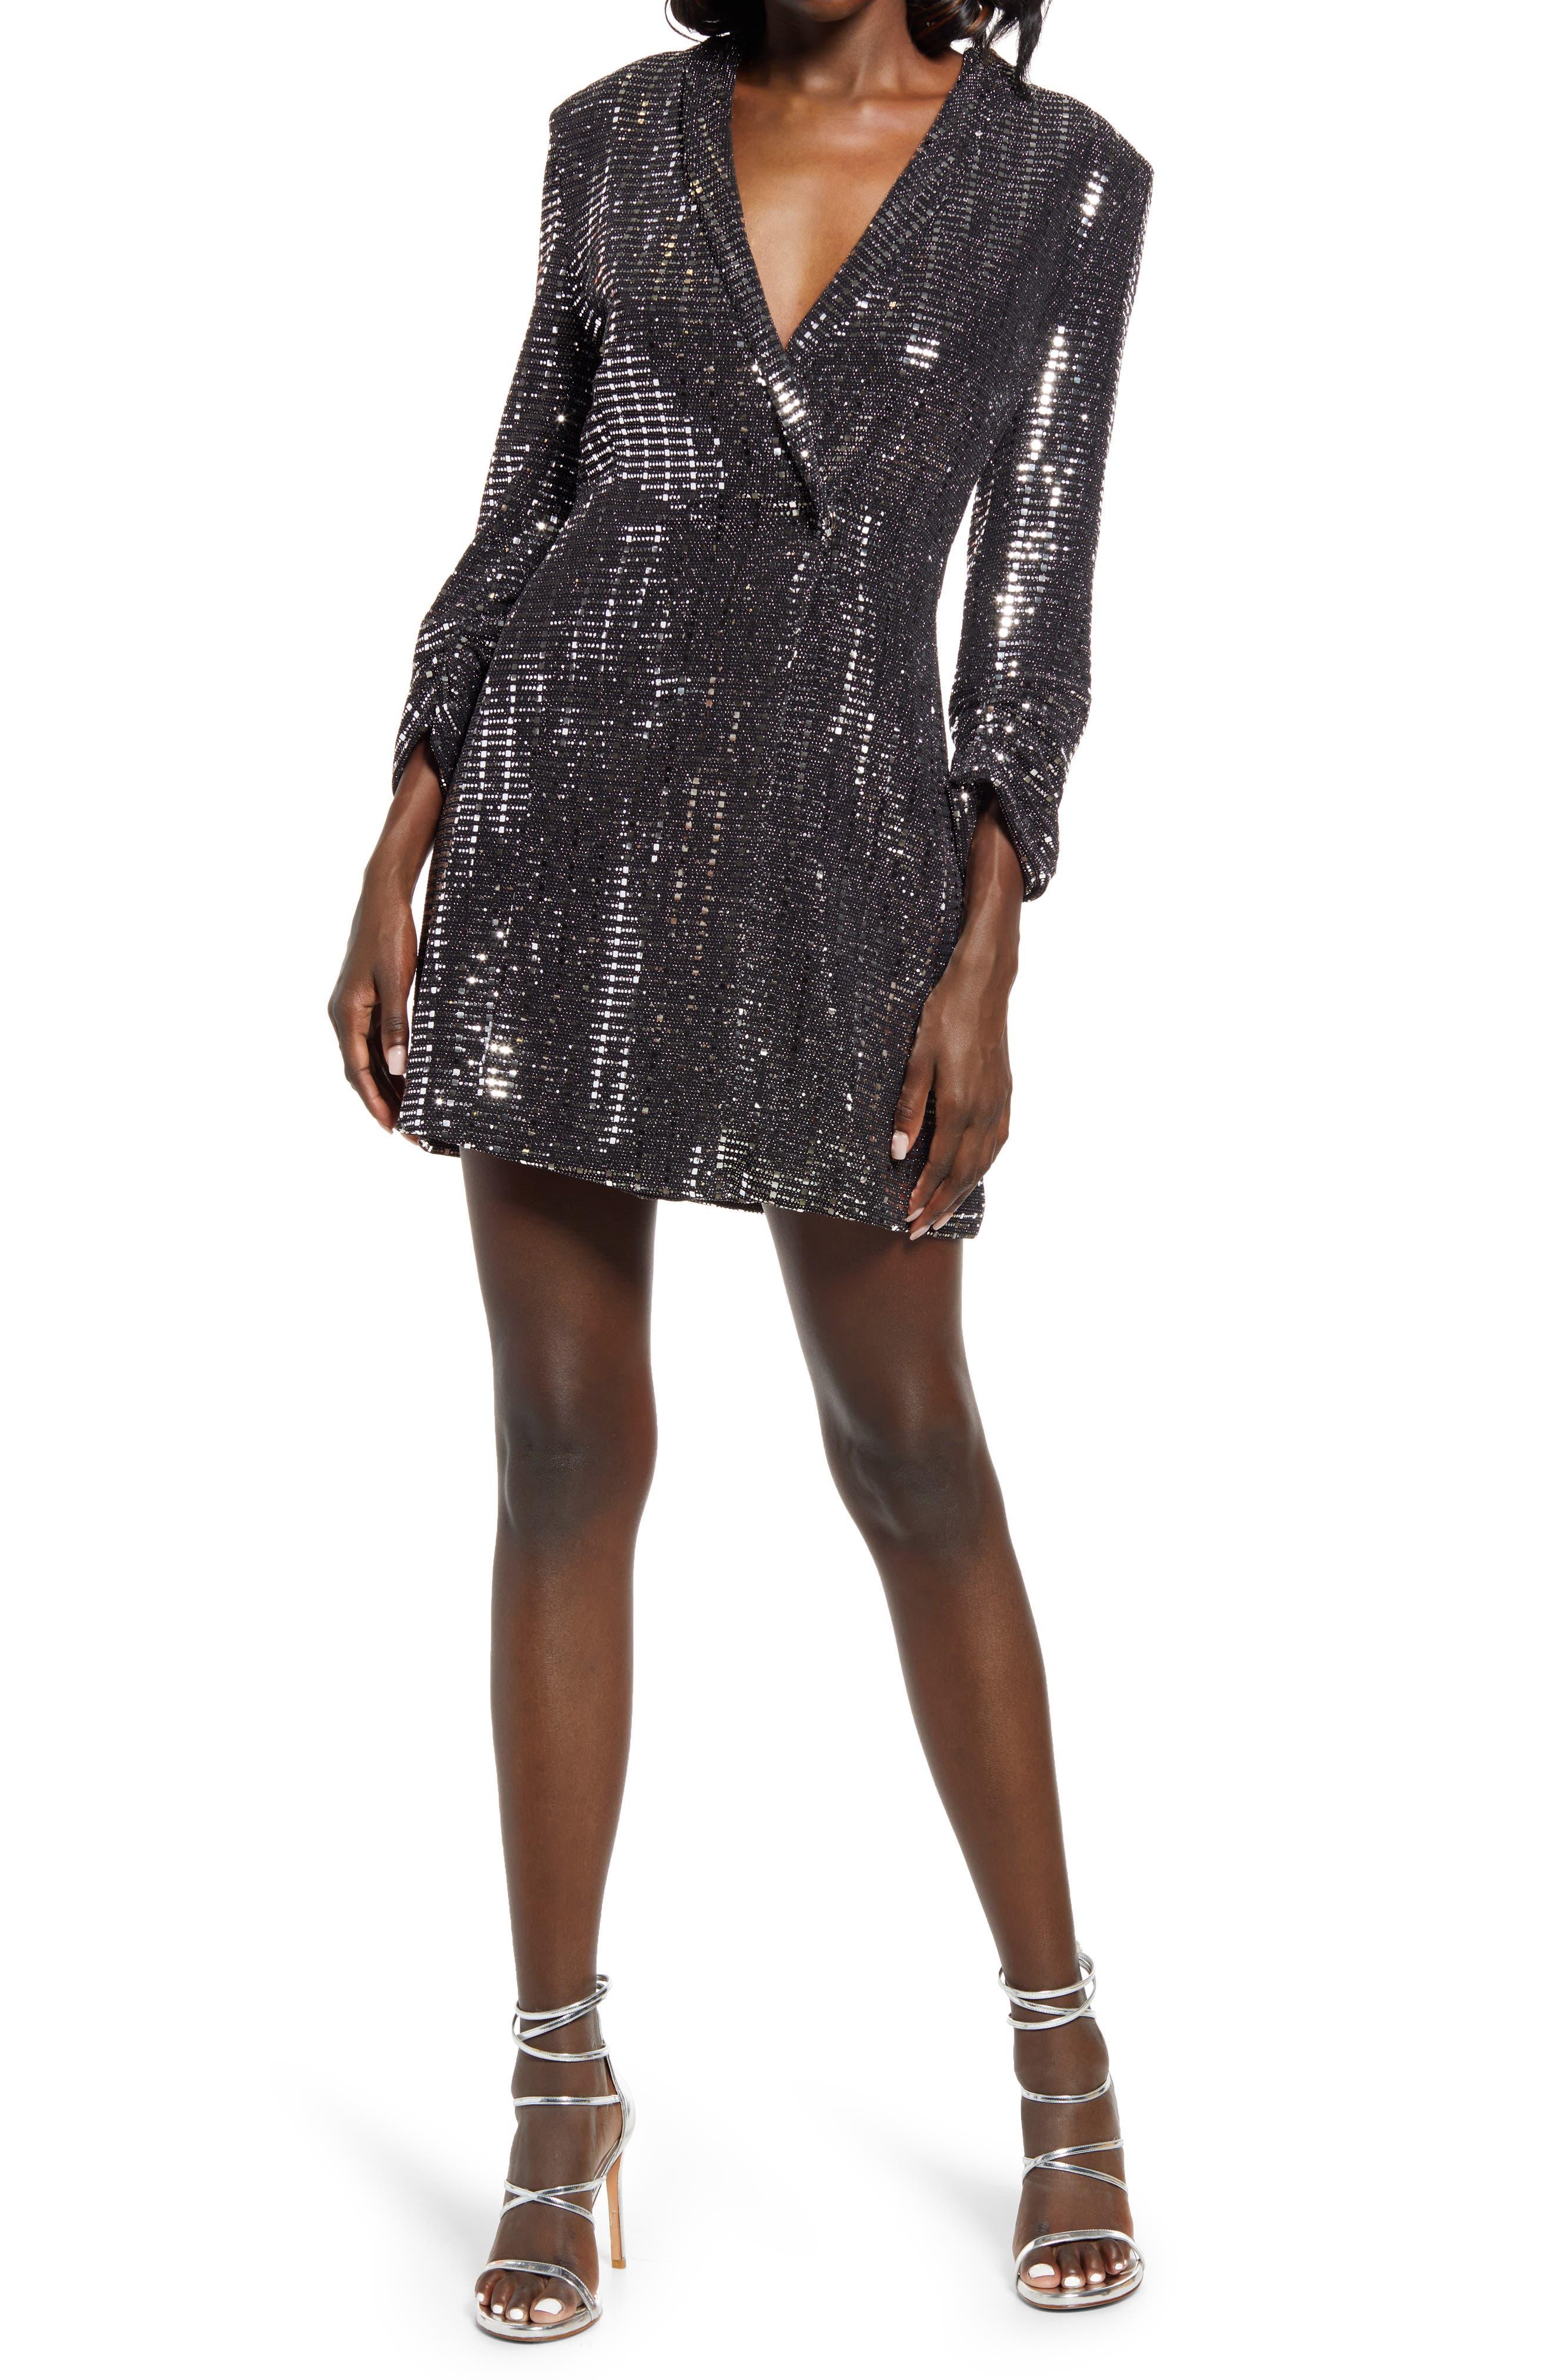 Glowing Steady Metallic Blazer Dress